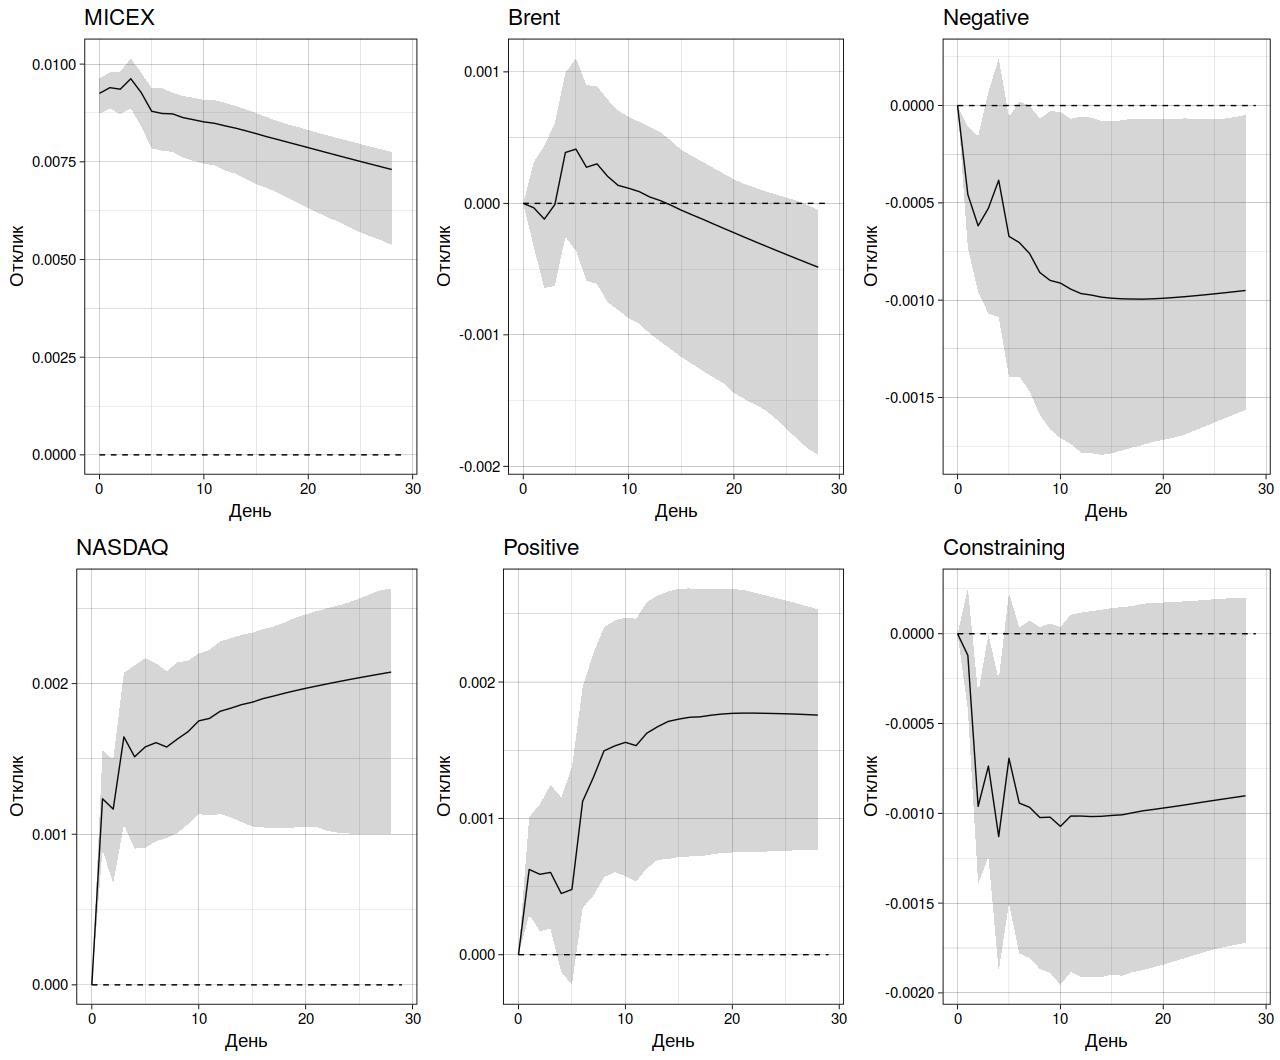 Рис. 4. Функции импульсного отклика фондового индекса Мосбиржи (MICEX) для VAR-модели, включающей сентименты из словаря LM (затемненная область — 95%-ный доверительный интервал)